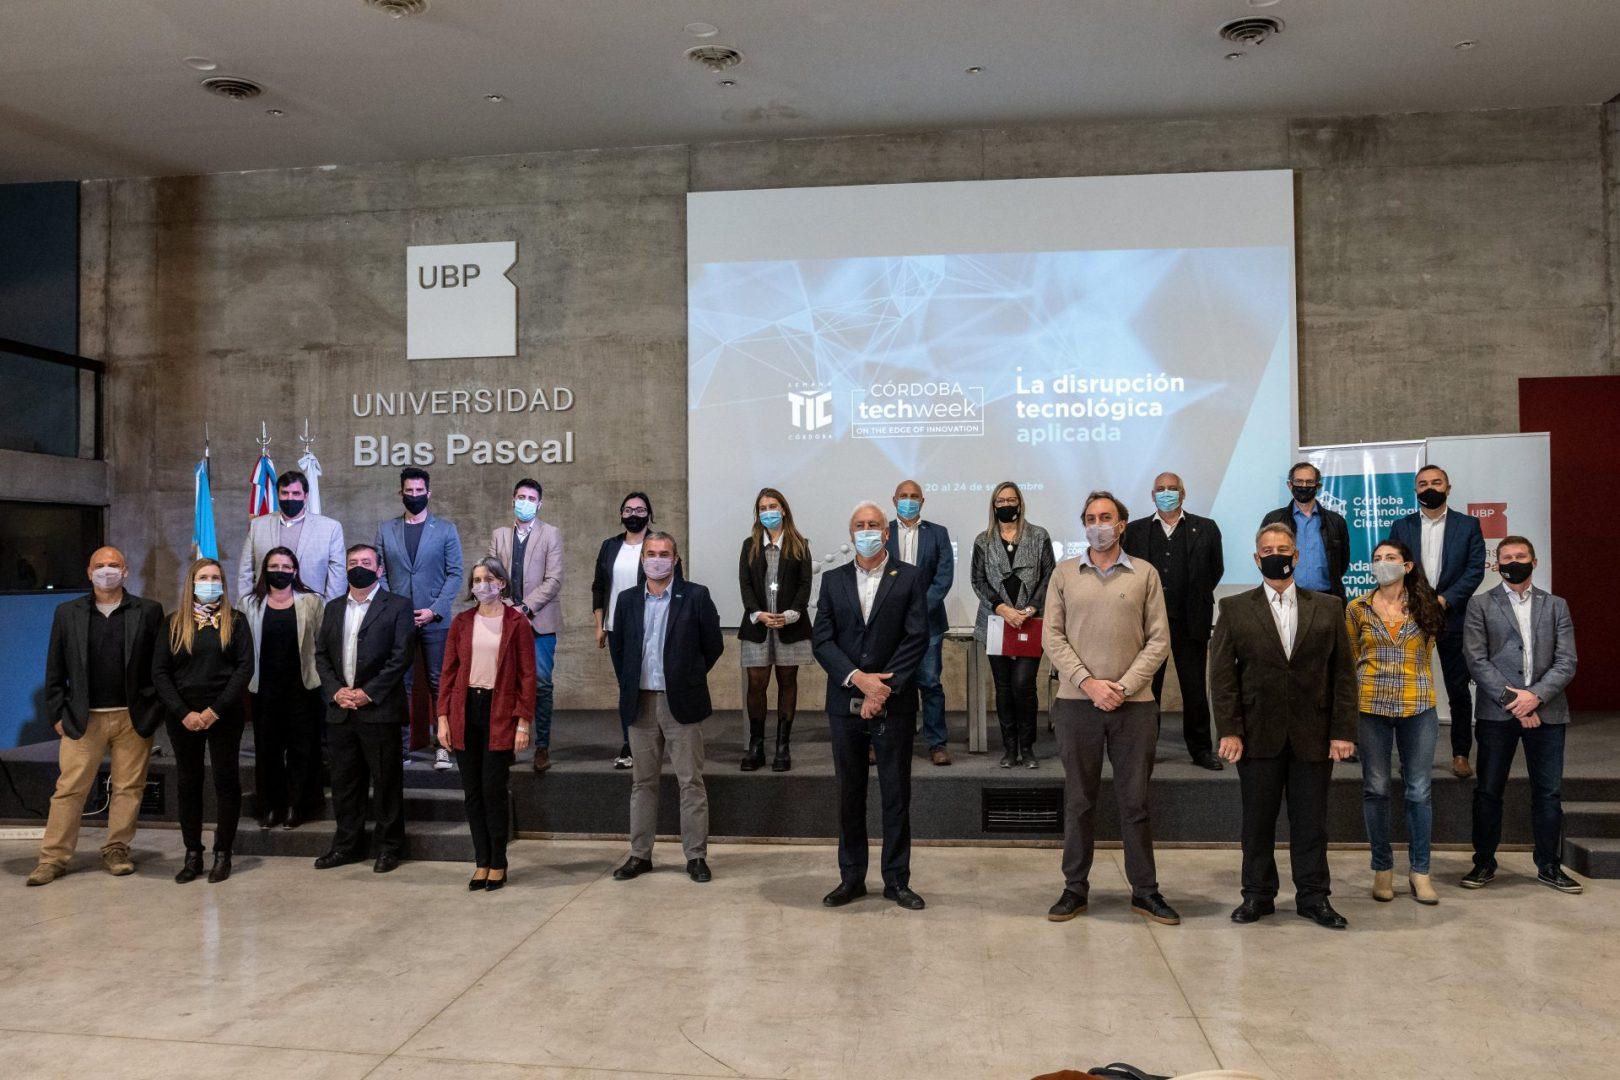 """Se lanzó la """"Córdoba Tech Week"""" en la Universidad Blas Pascal"""